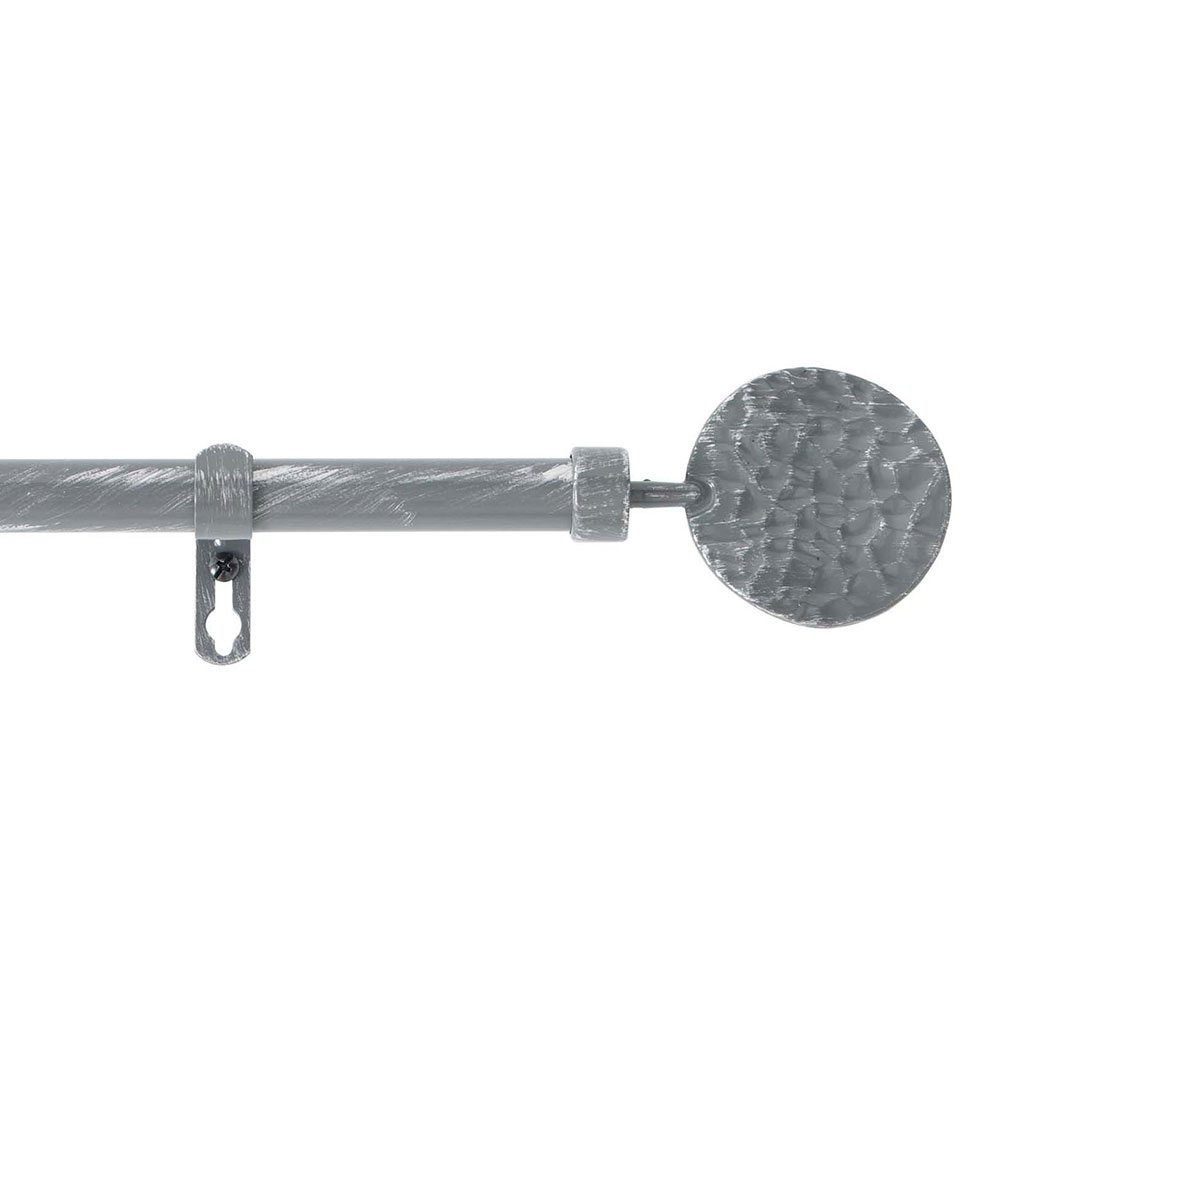 Kit de tringle déco avec embouts ronds martelés (Gris)